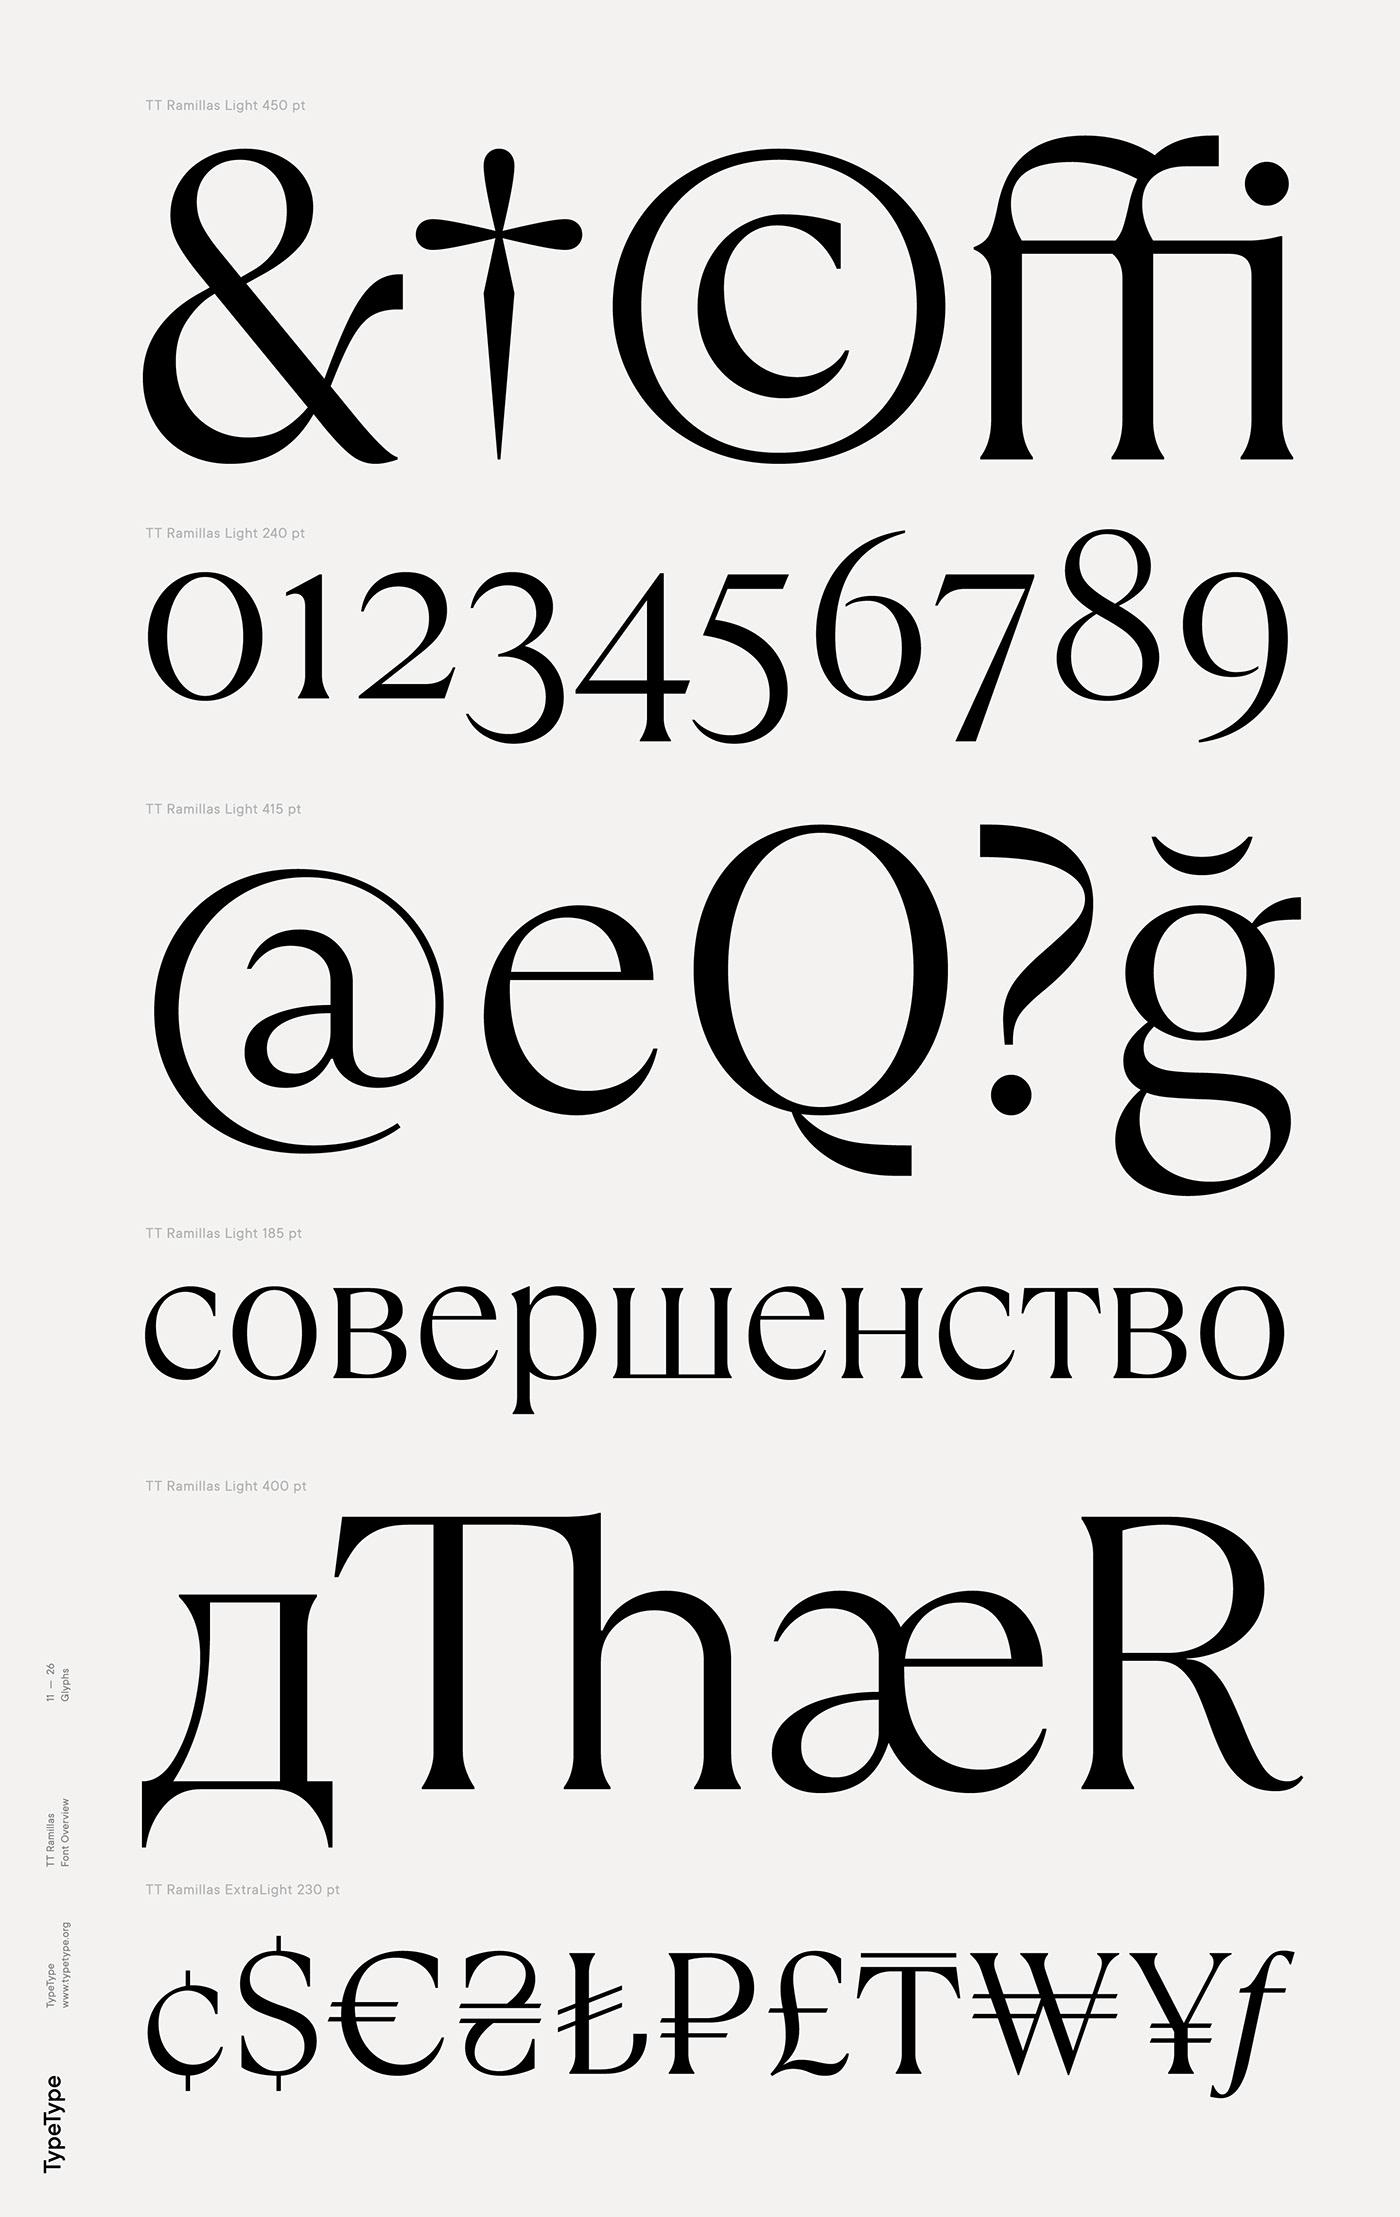 时尚海报标题文字设计衬线英文字体素材 Ramillas Typeface插图(5)